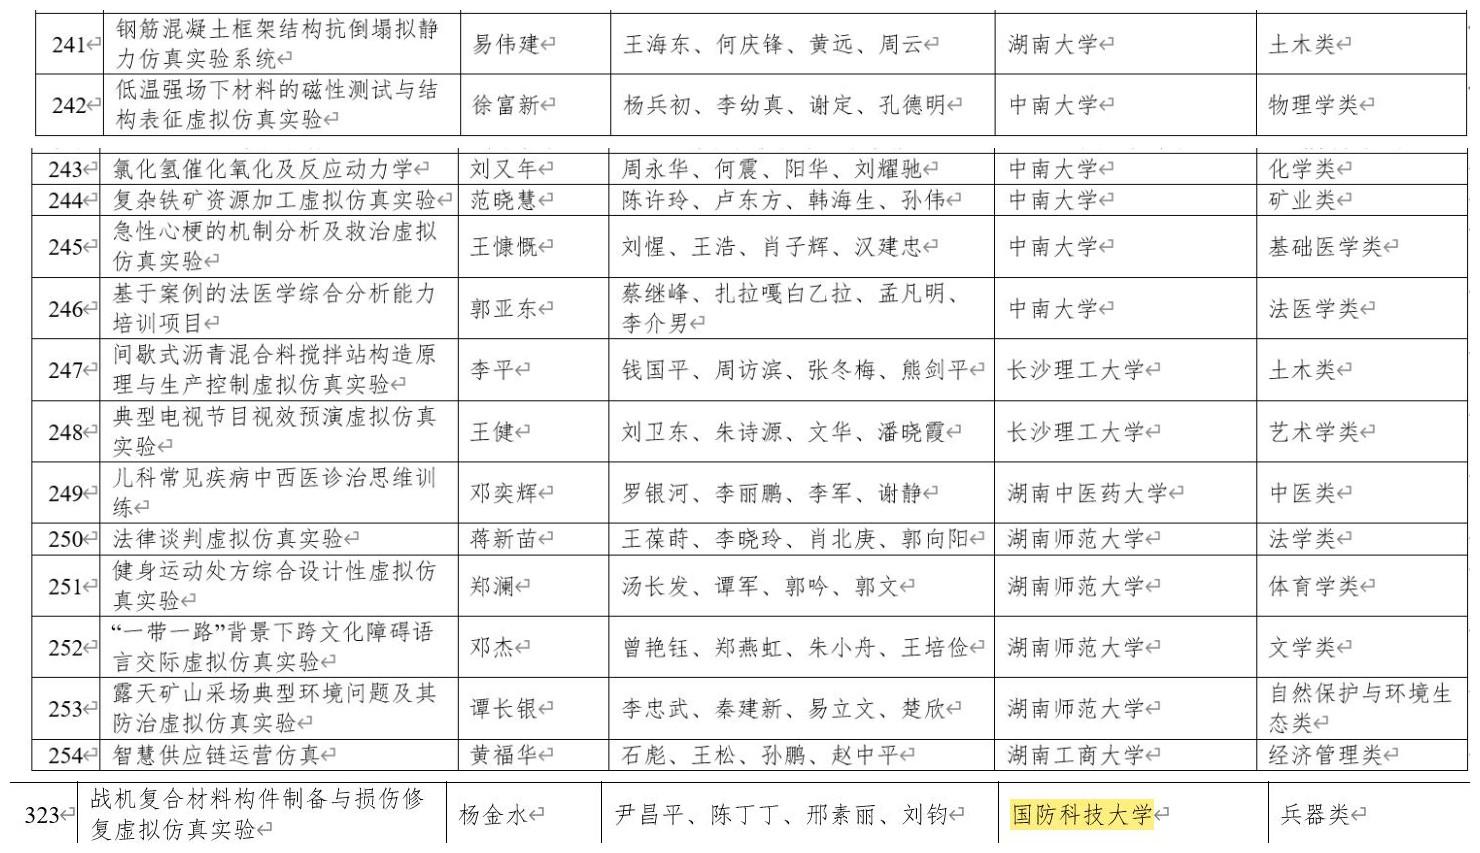 重磅!教育部公示首批国家级一流本科课程,在湘高校共158门课程上榜